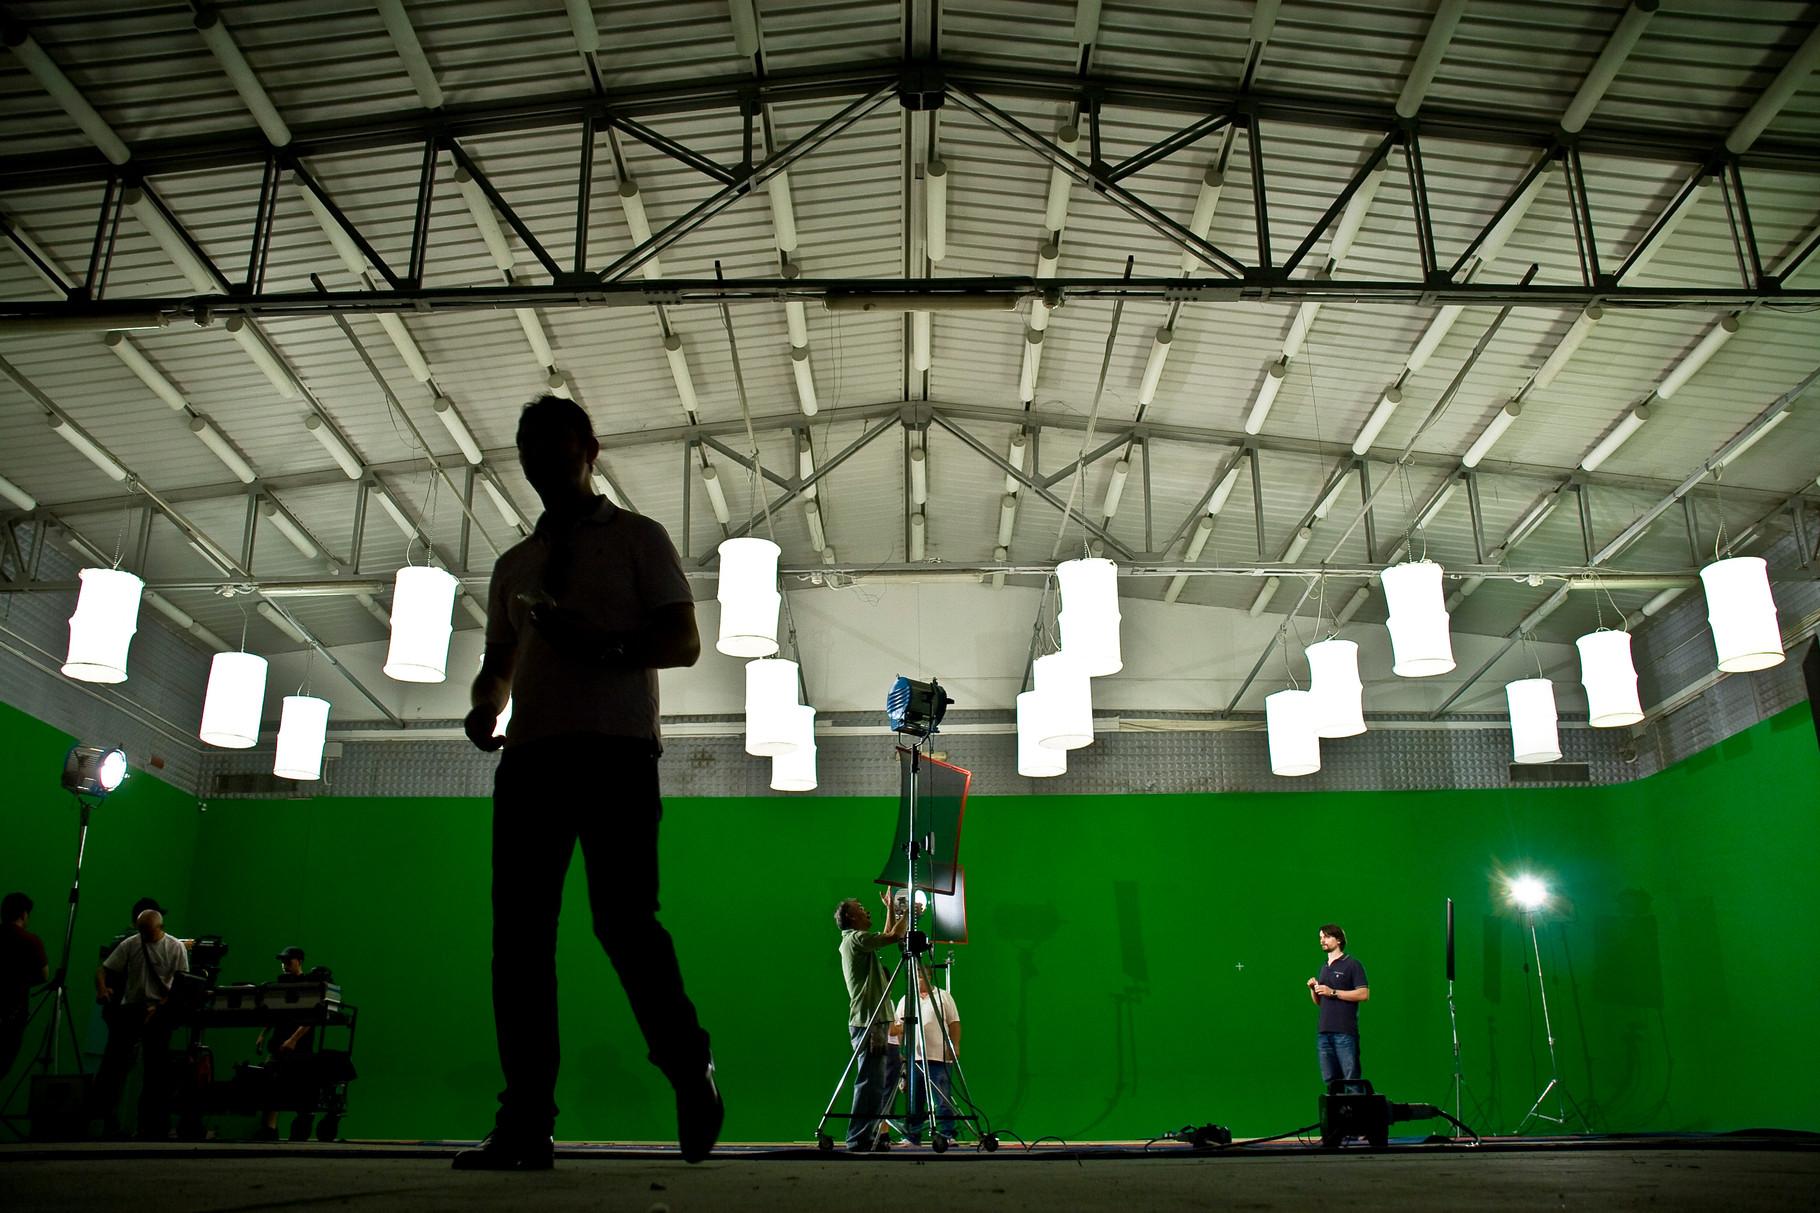 Cinecittà 3 studio green - Roma, italia   All rights reserved  